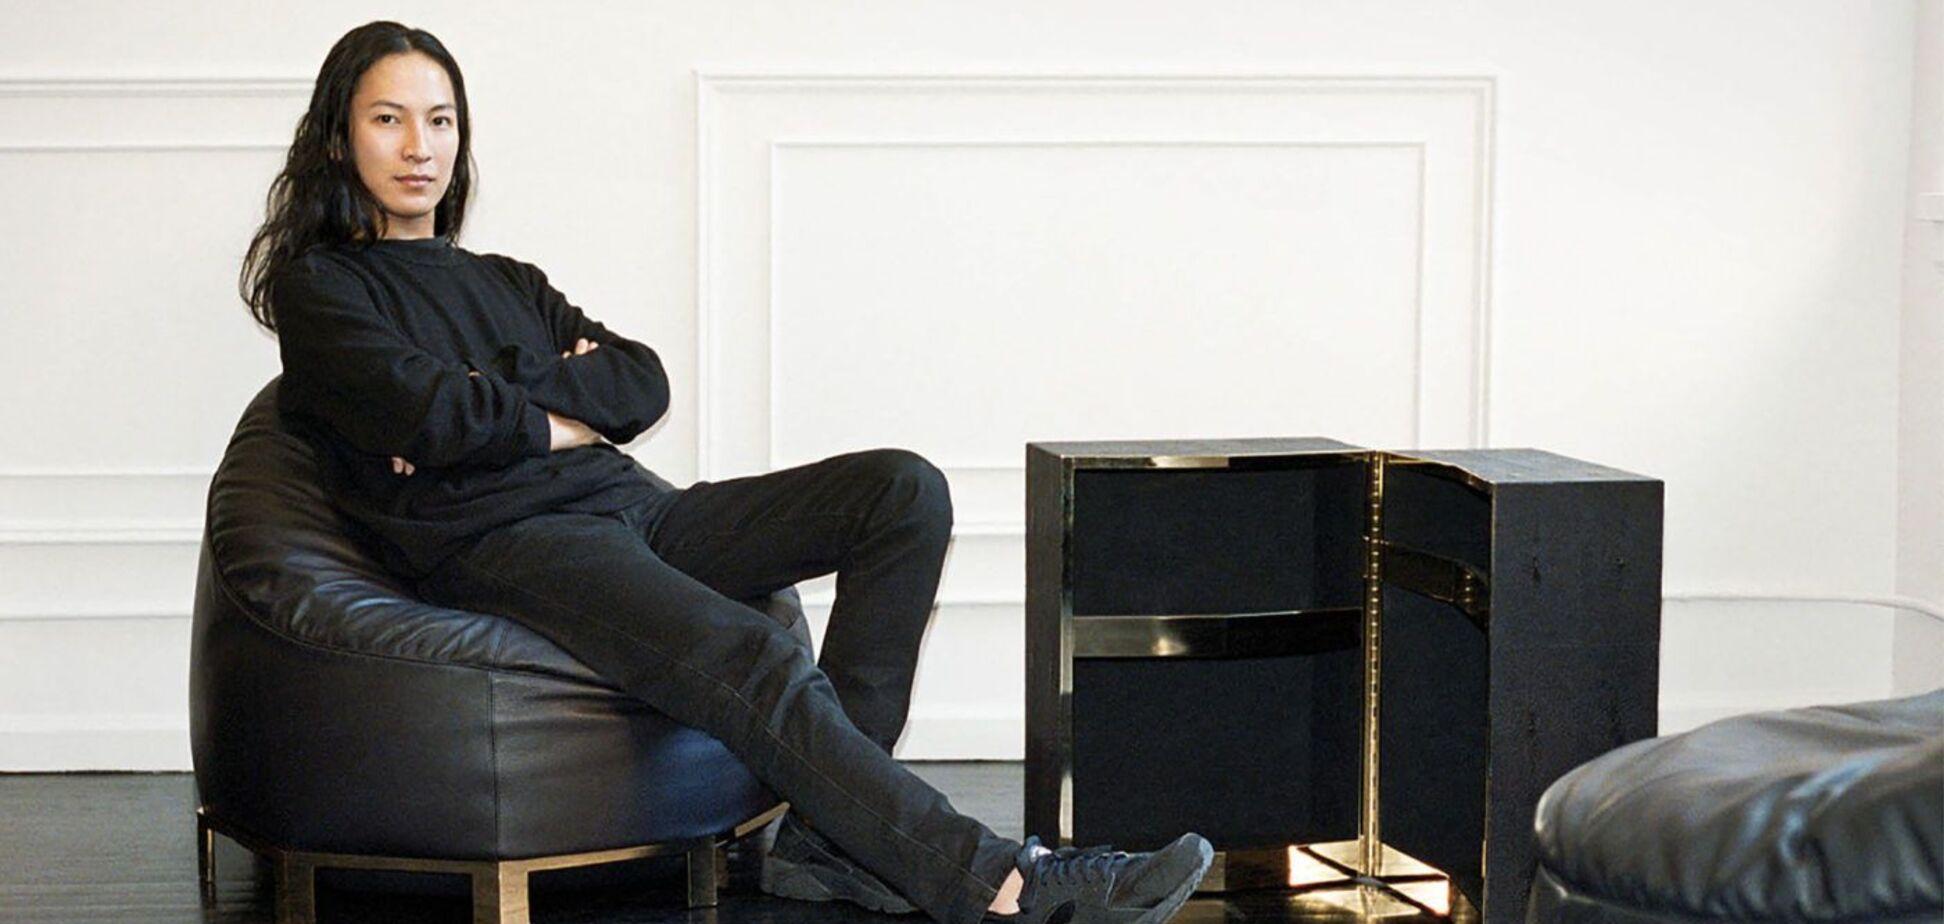 Дизайнера Олександра Венга звинуватили в сексуальних домаганнях до хлопців: подробиці скандалу